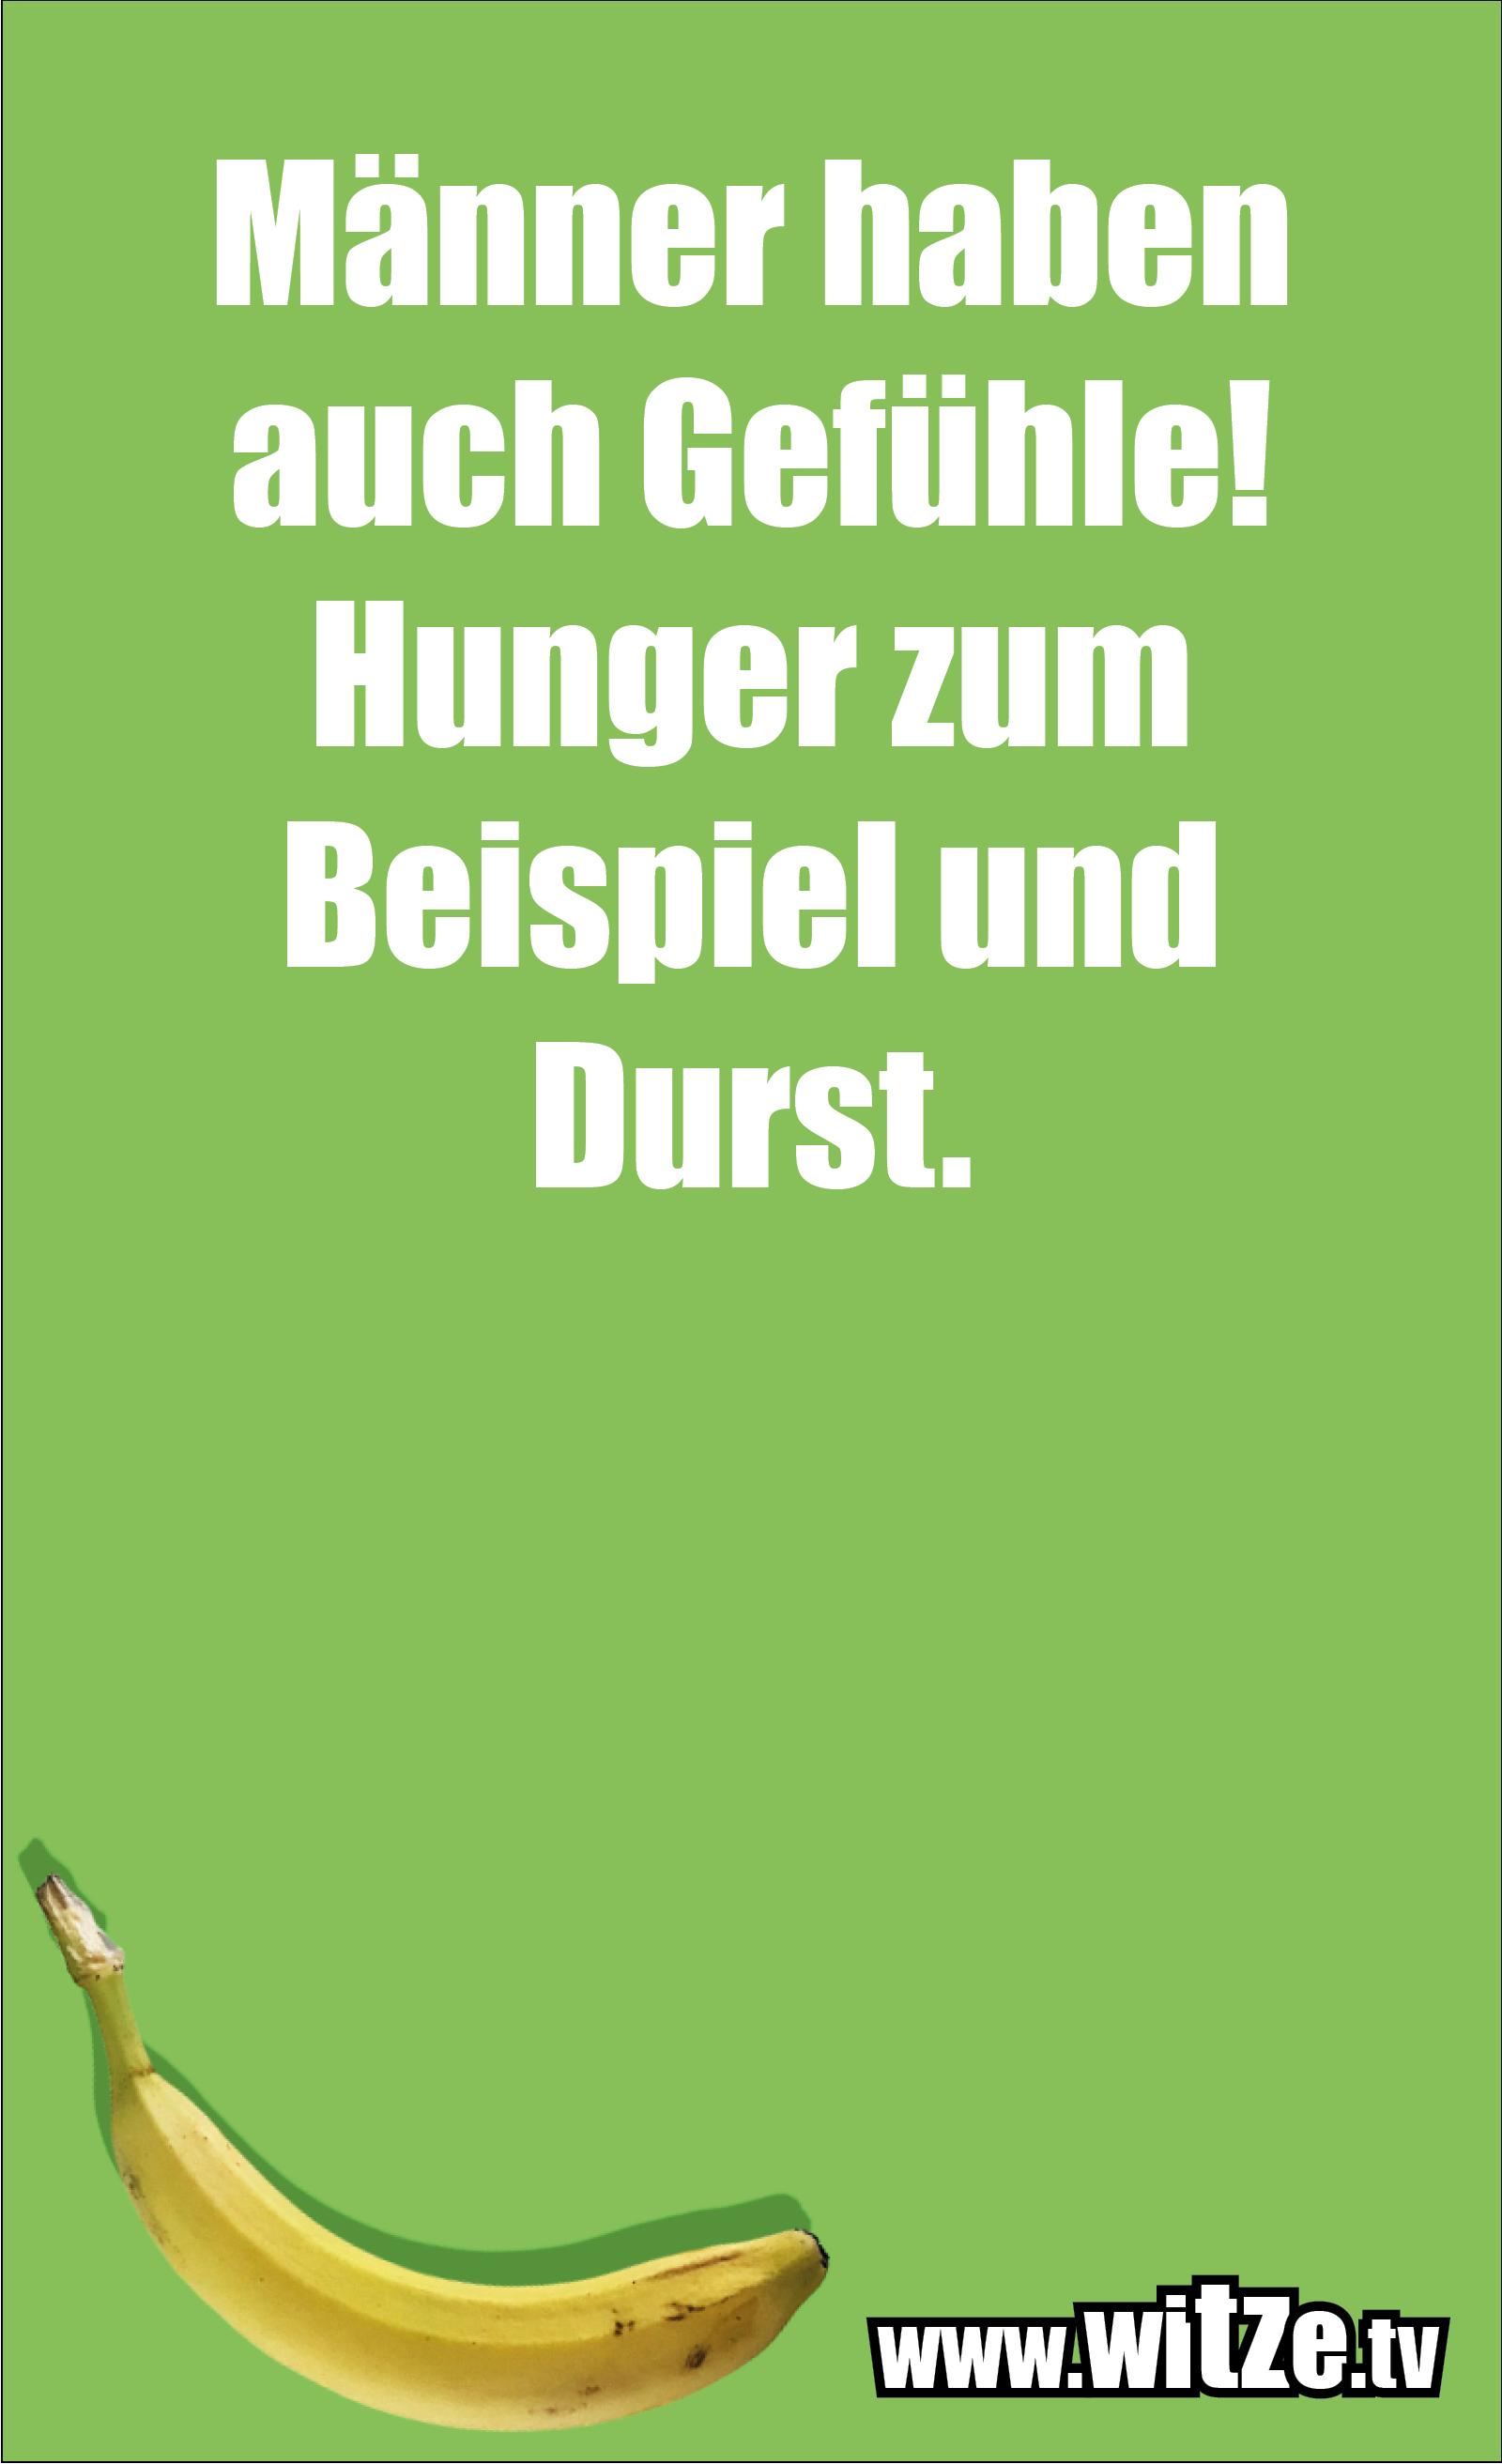 Dumme Sprüche… Männer haben auch Gefühle! Hunger zum Beispiel und Durst.